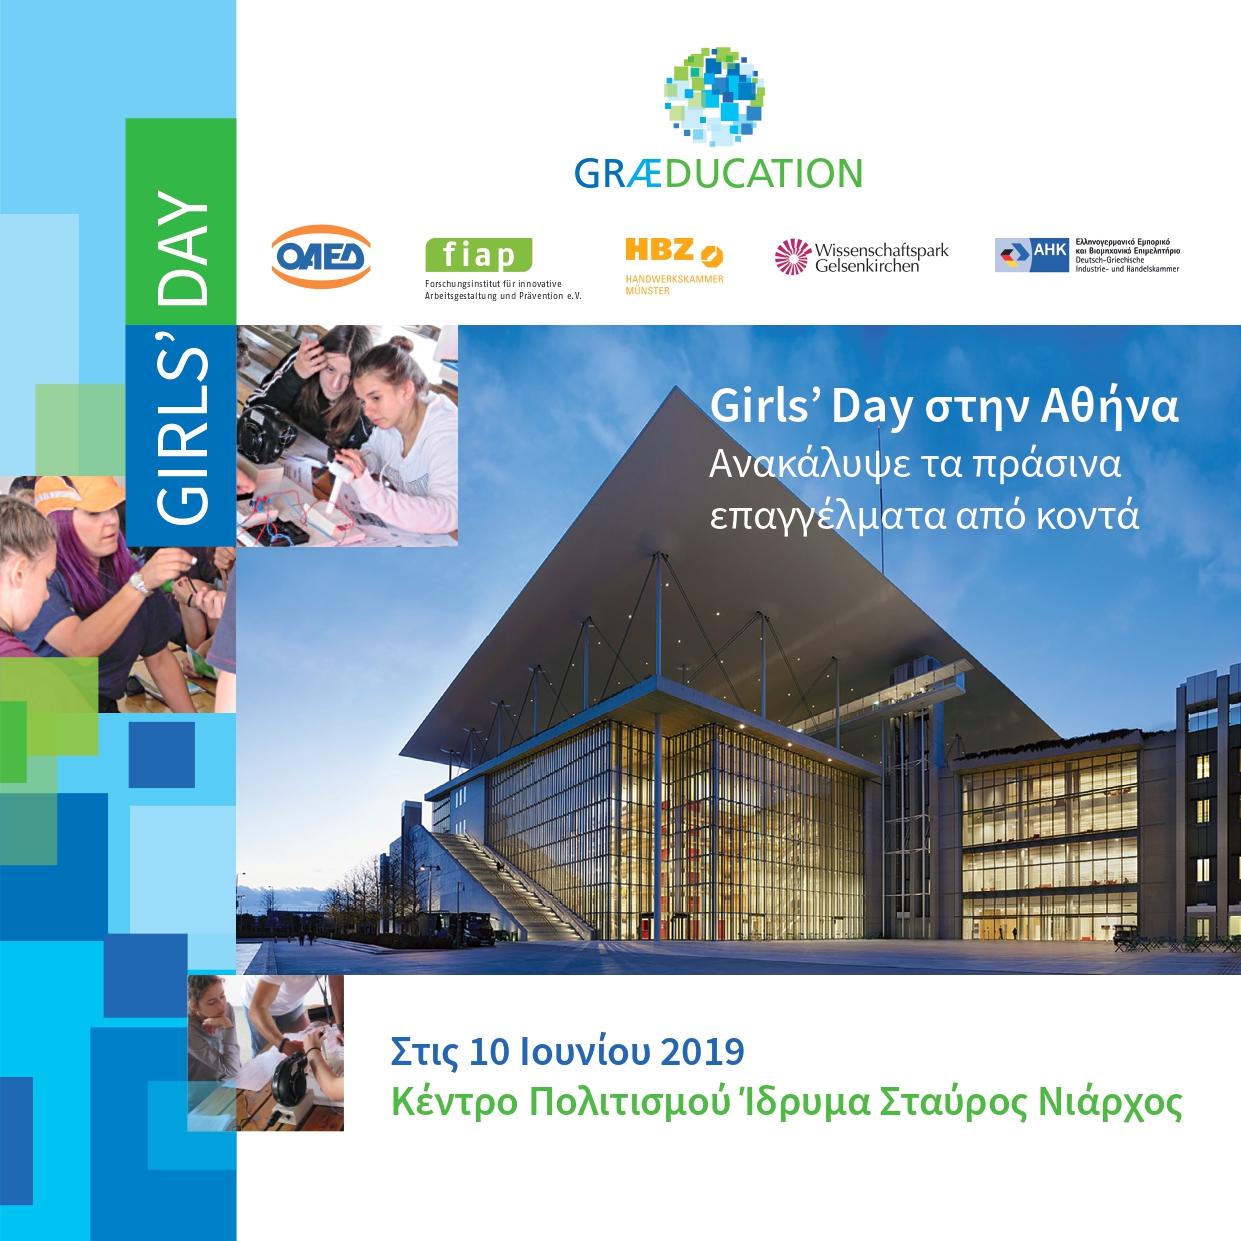 «GIRLS'DAY: Ανακάλυψε τα πράσινα επαγγέλματα από κοντά» 10 Ιουνίου 2019 – Κέντρο Πολιτισμού  Ίδρυμα  Σταύρος Νιάρχος (ΚΠΙΣΝ)